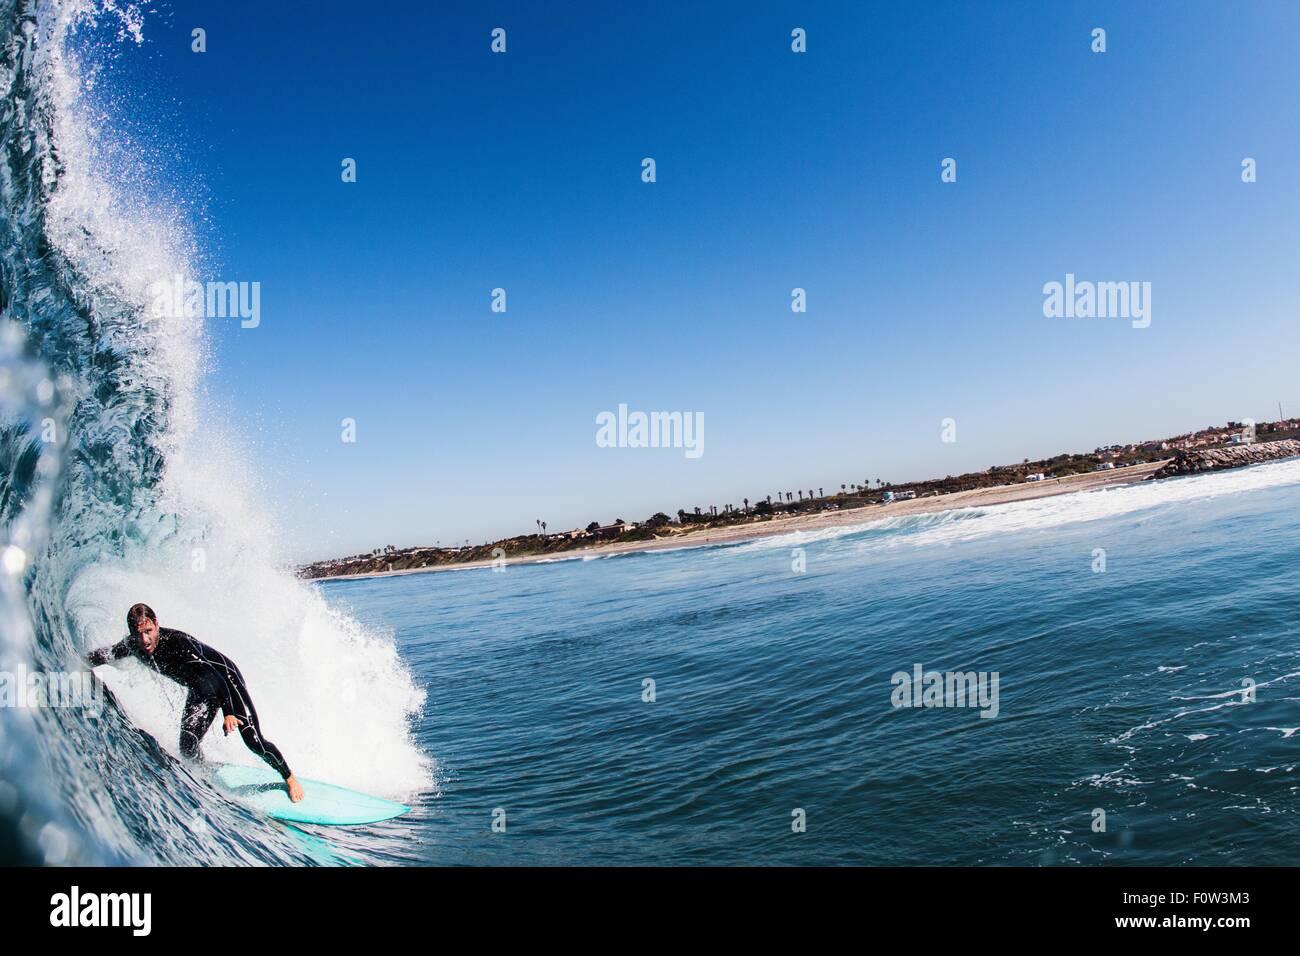 In prossimità delle onde oceaniche e metà uomo adulto surf, Carlsbad, California, Stati Uniti d'America Immagini Stock